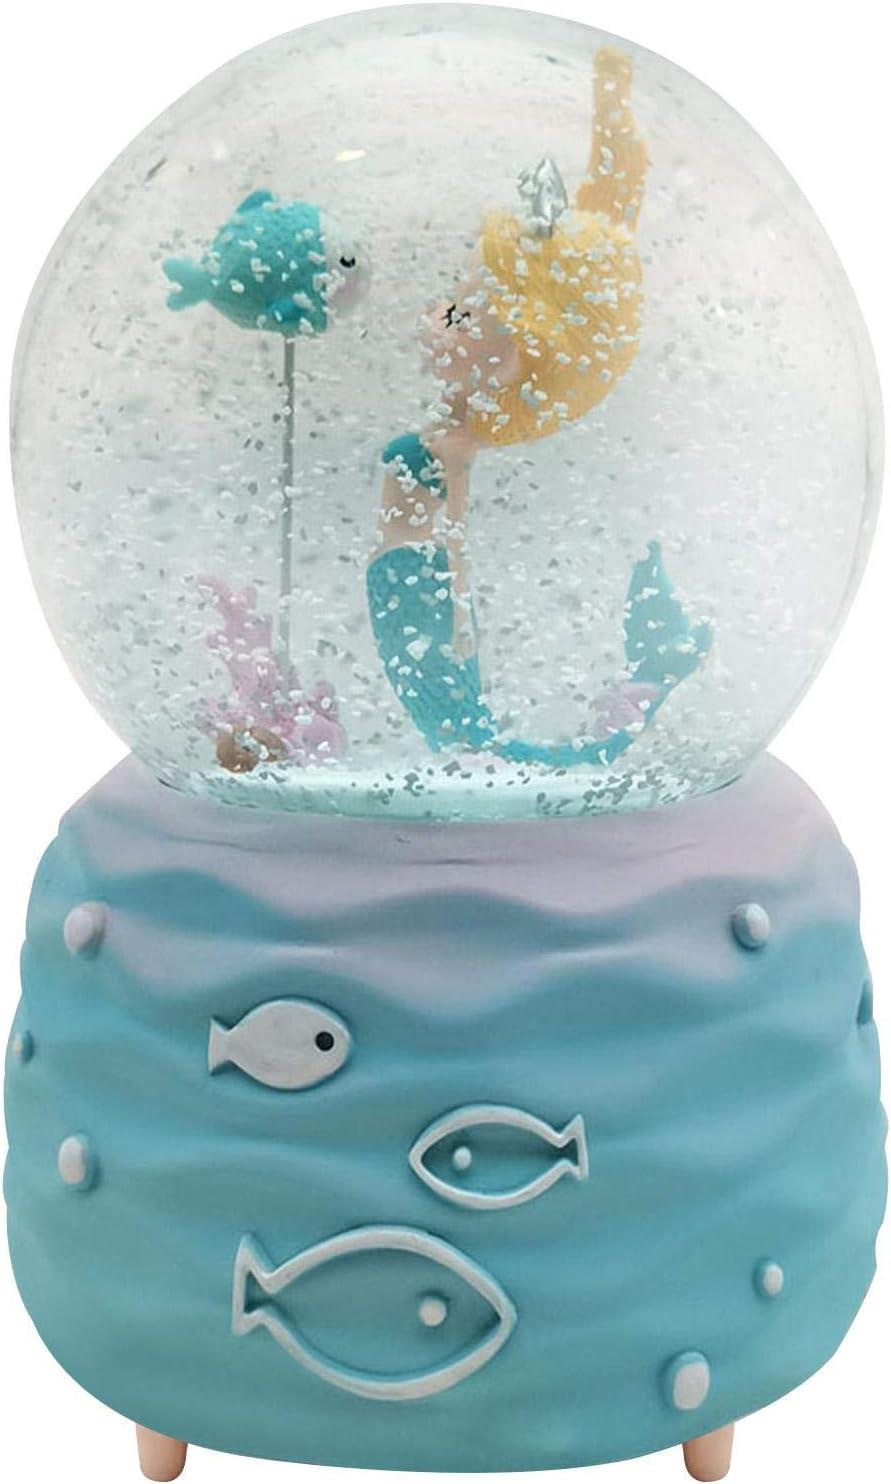 duhe189014 Meerjungfrau Spieluhr mit bunten Lichtern M/ädchen Kristallkugel Spieluhr Meerjungfrau Schneekugel Spieluhr Kinderspieluhr Spielzeug